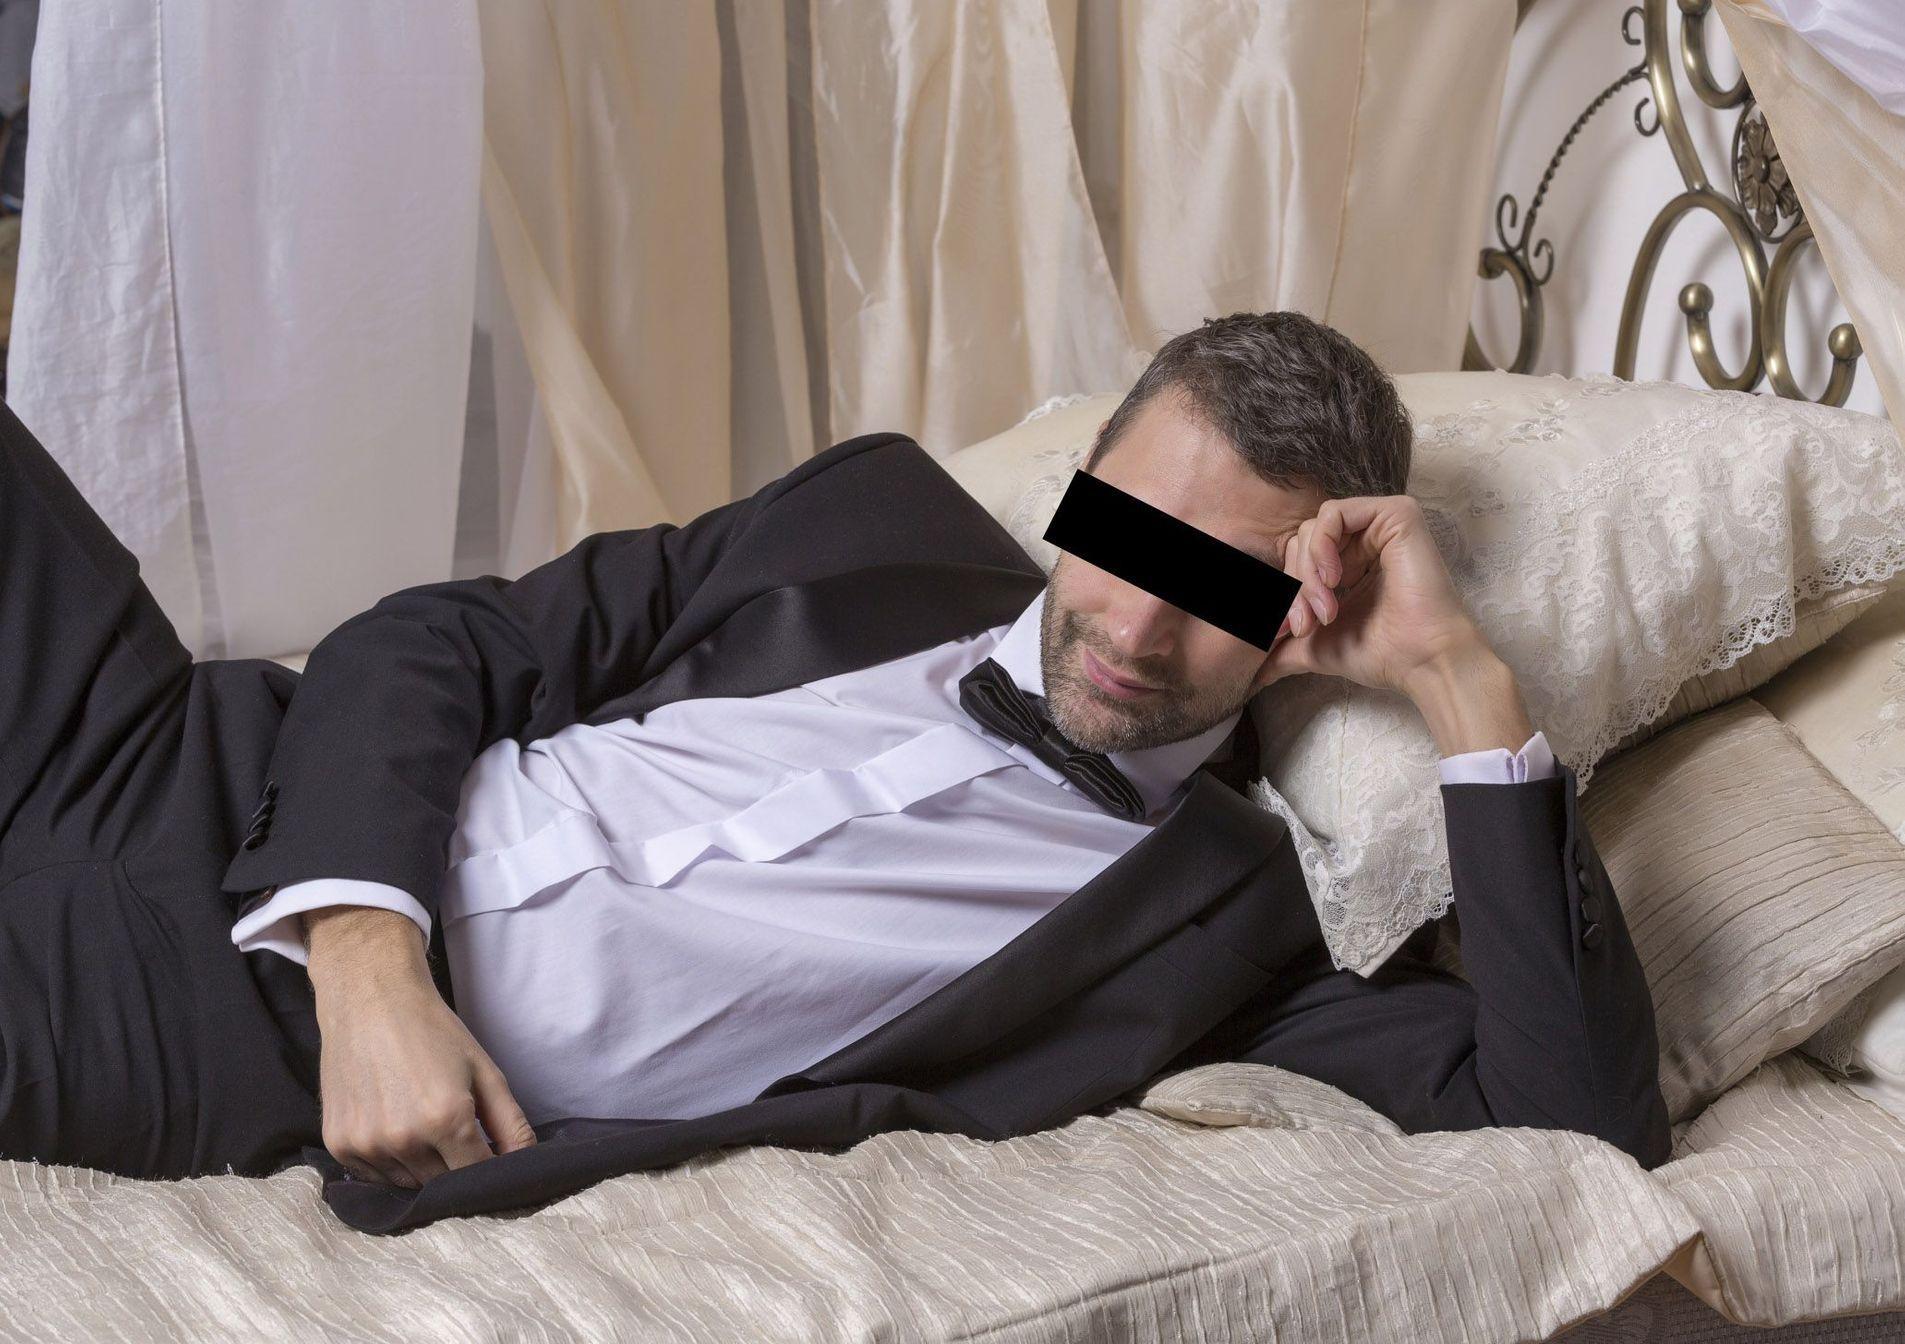 jak si ho vyhonit sex prace